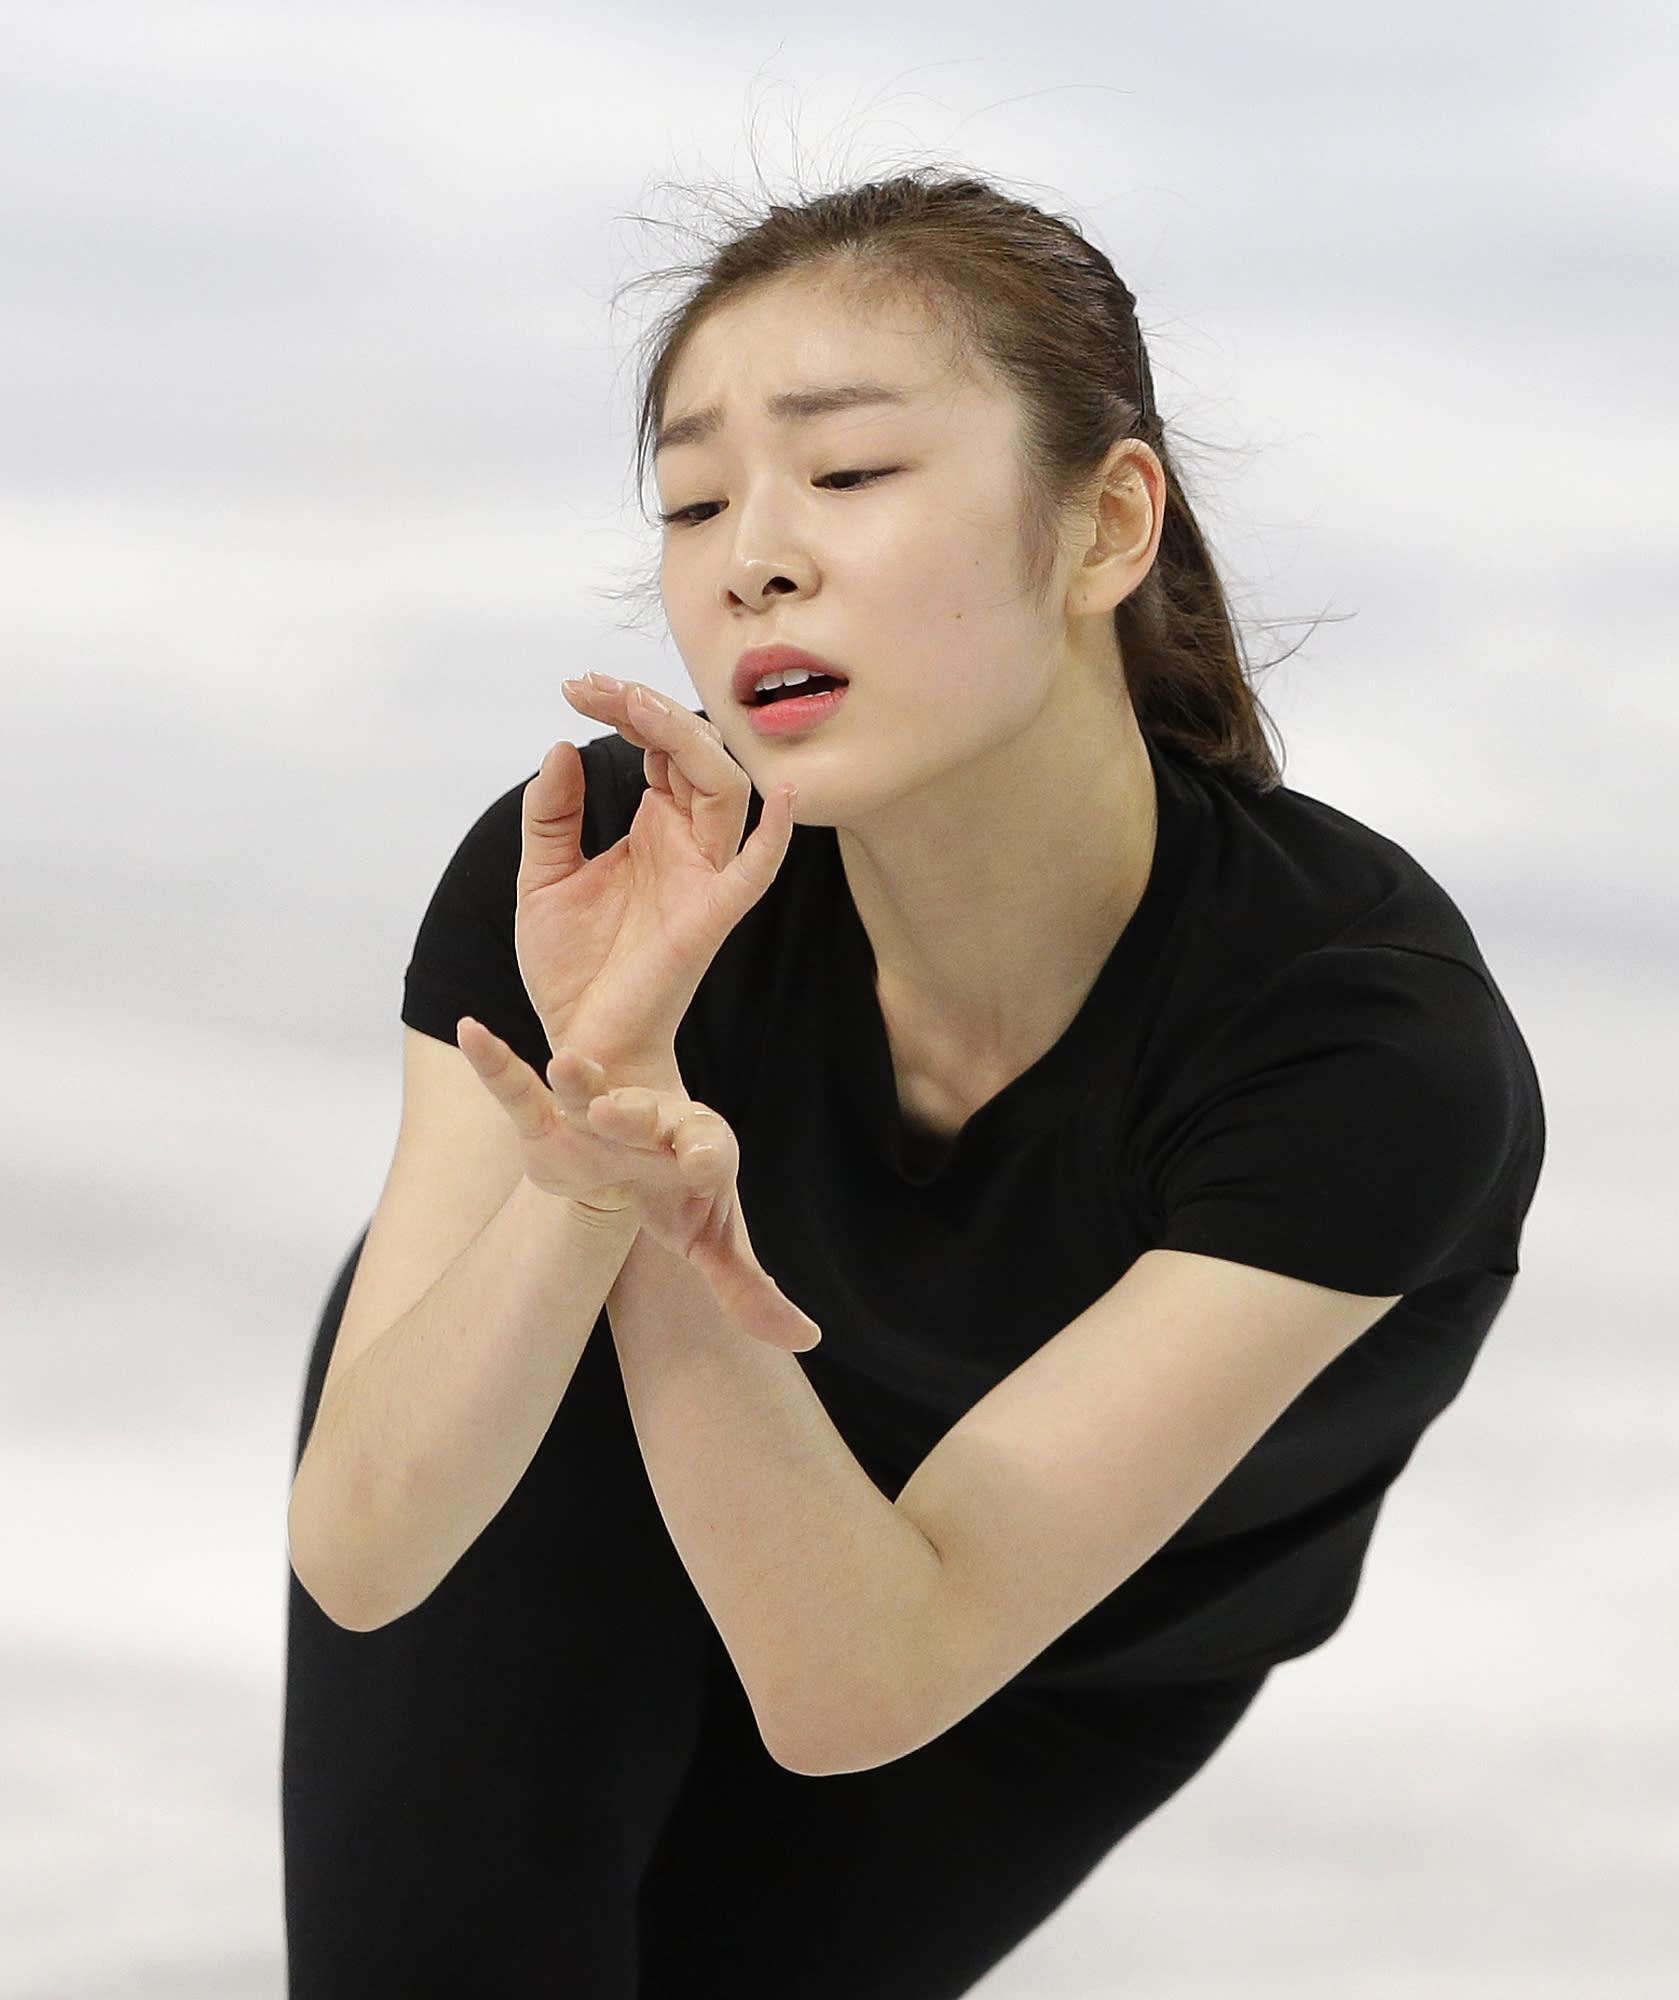 2010 champion Yuna Kim taking Olympics like a job